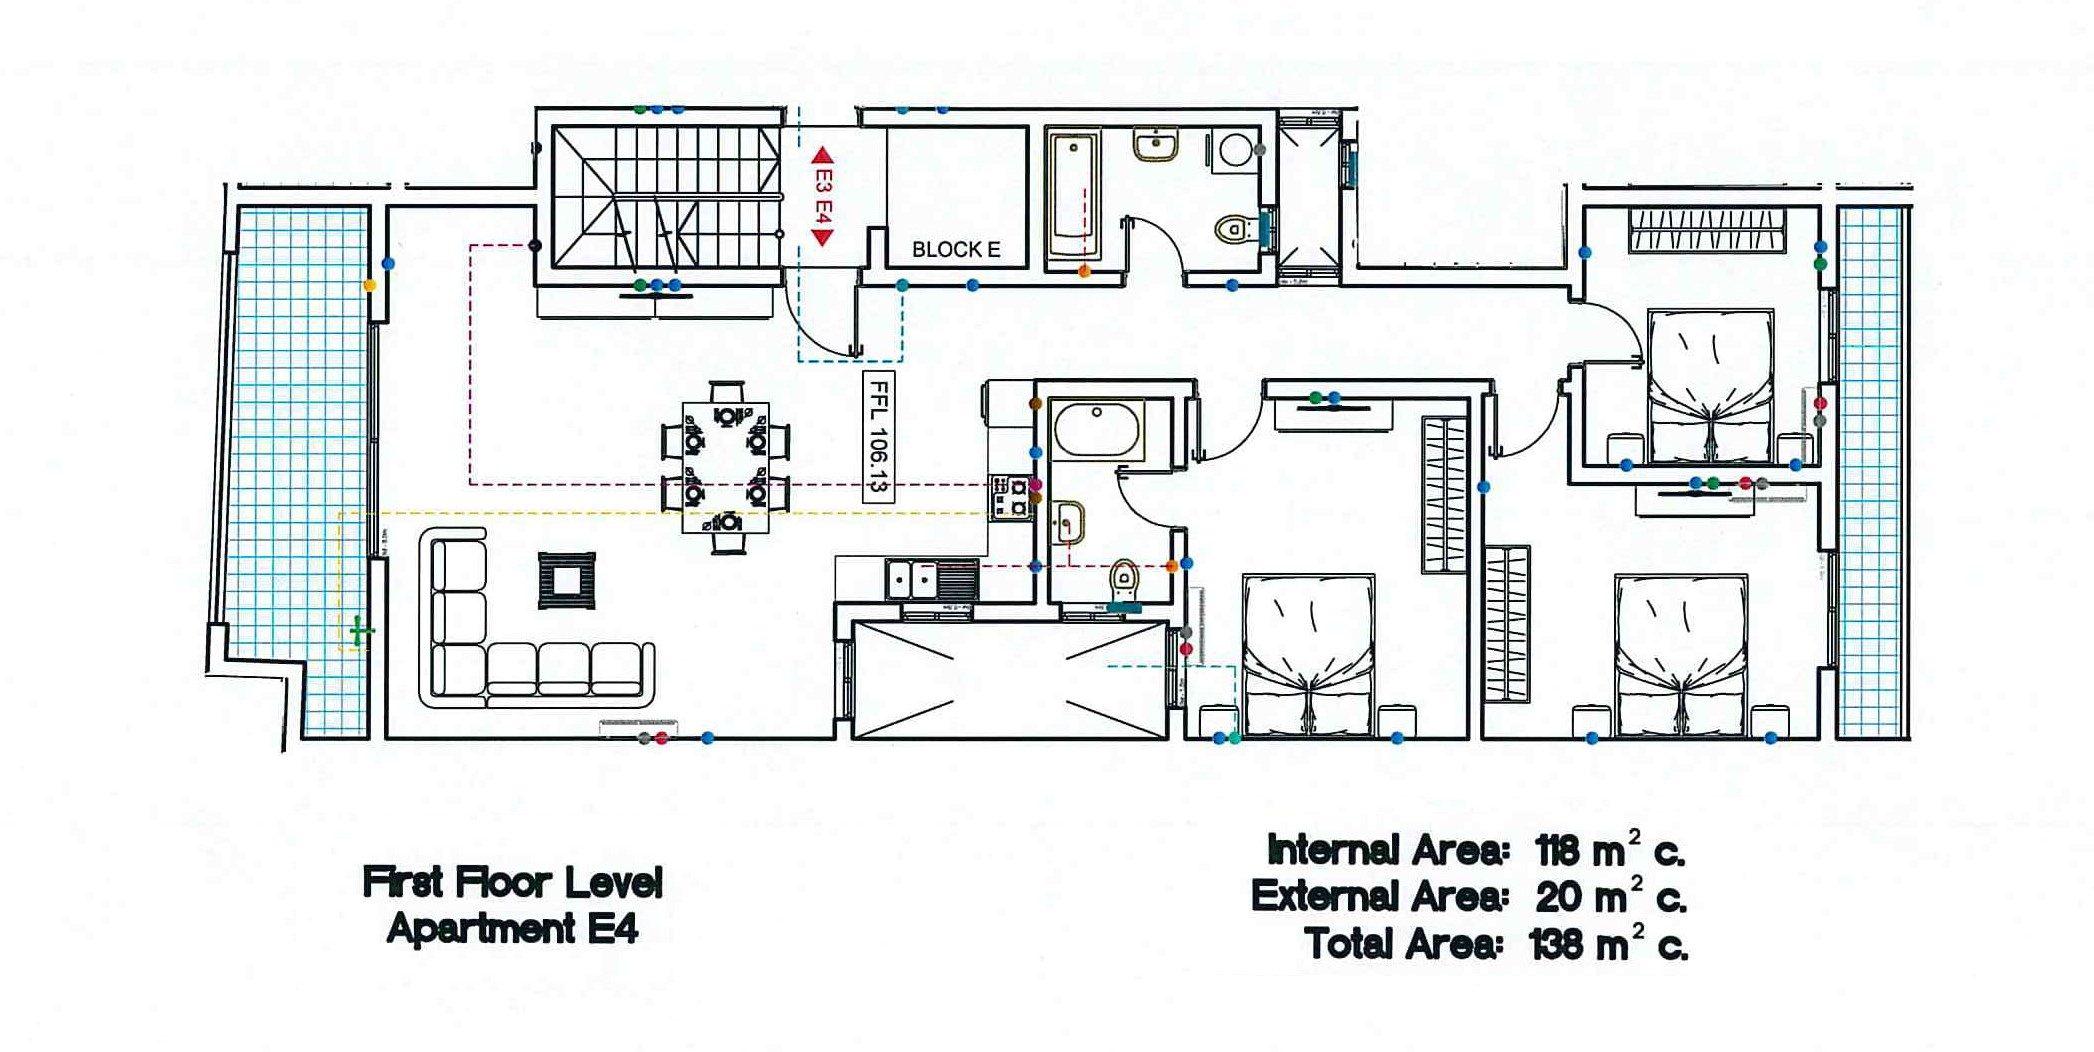 Block E - First Floor E4